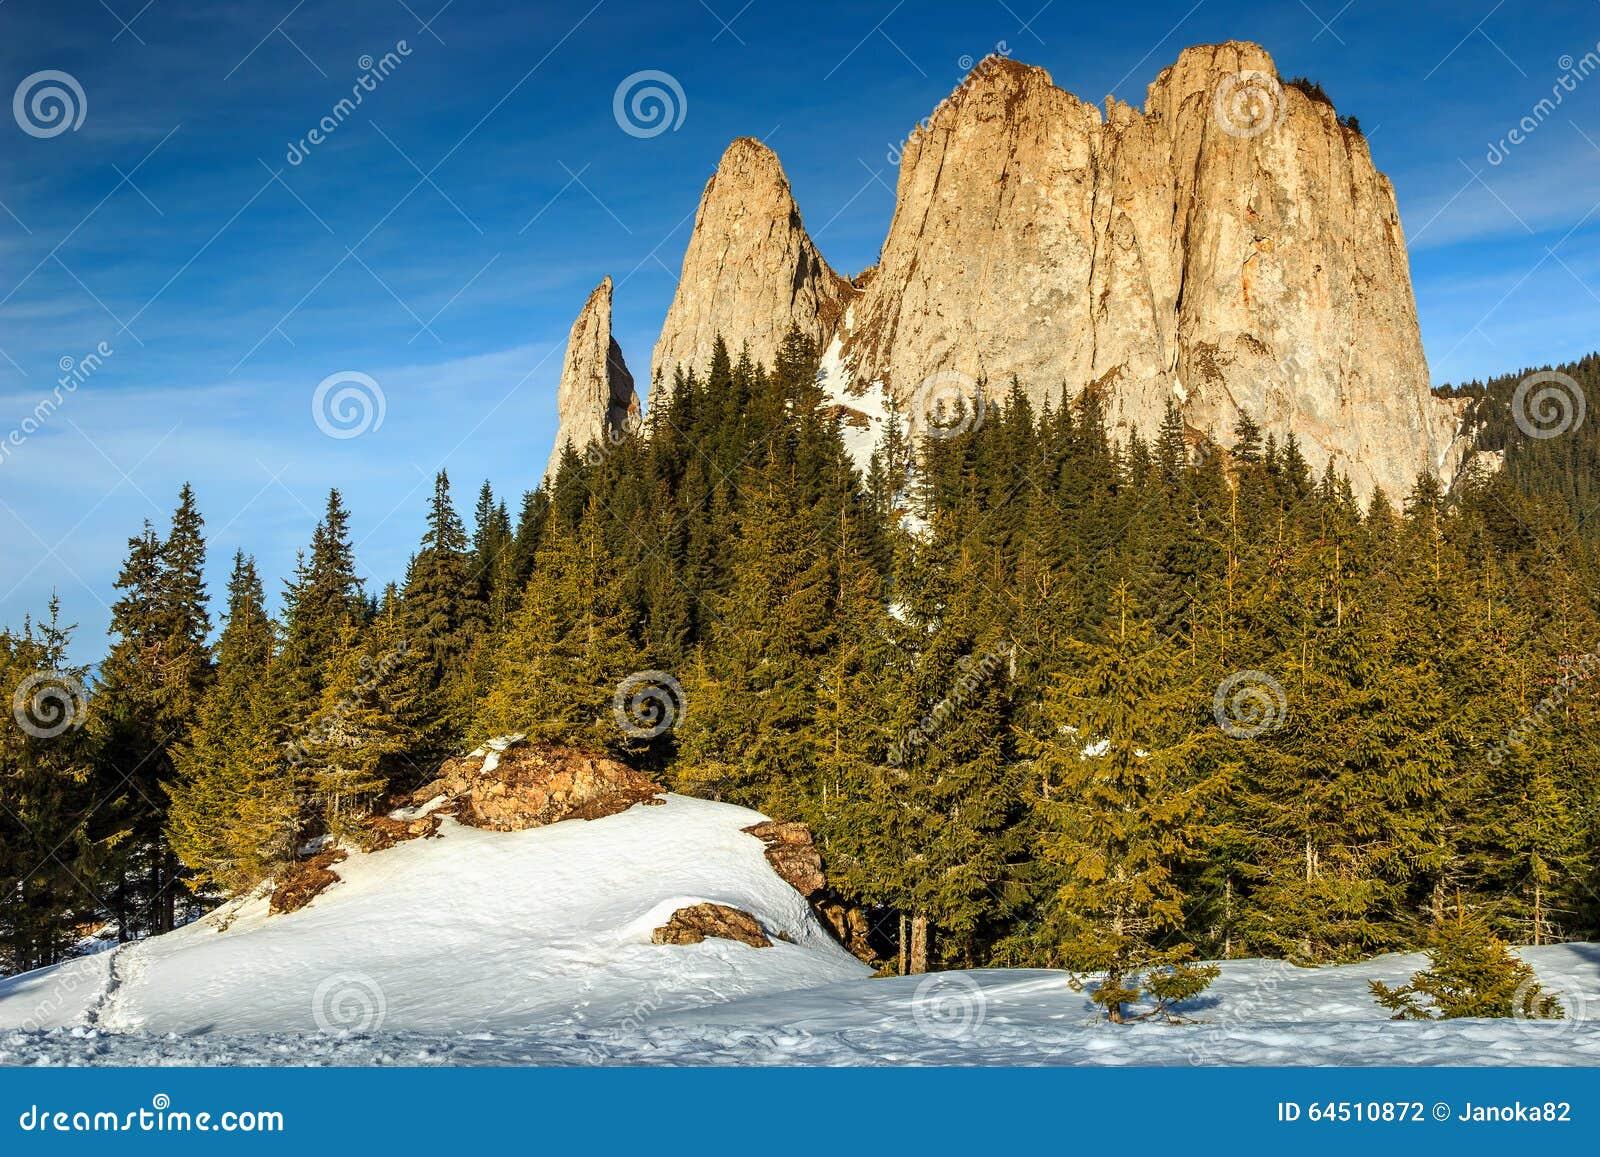 与孤独石,喀尔巴汗,罗马尼亚,欧洲的冬天风景图片